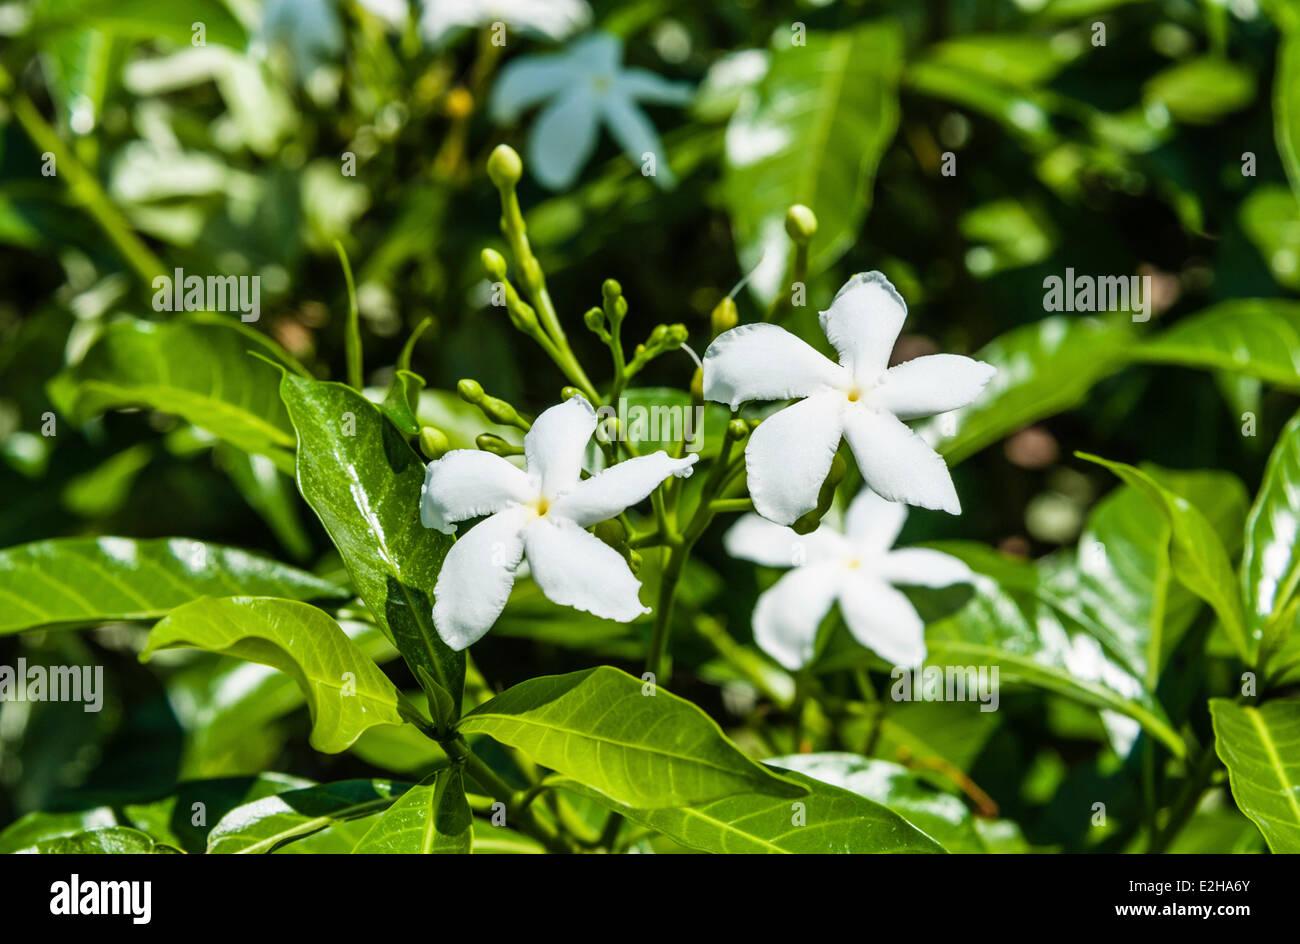 India wild white flowers stock photos india wild white flowers pinwheel flowers tabernaemontana divaricata white flowers tamil nadu india stock mightylinksfo